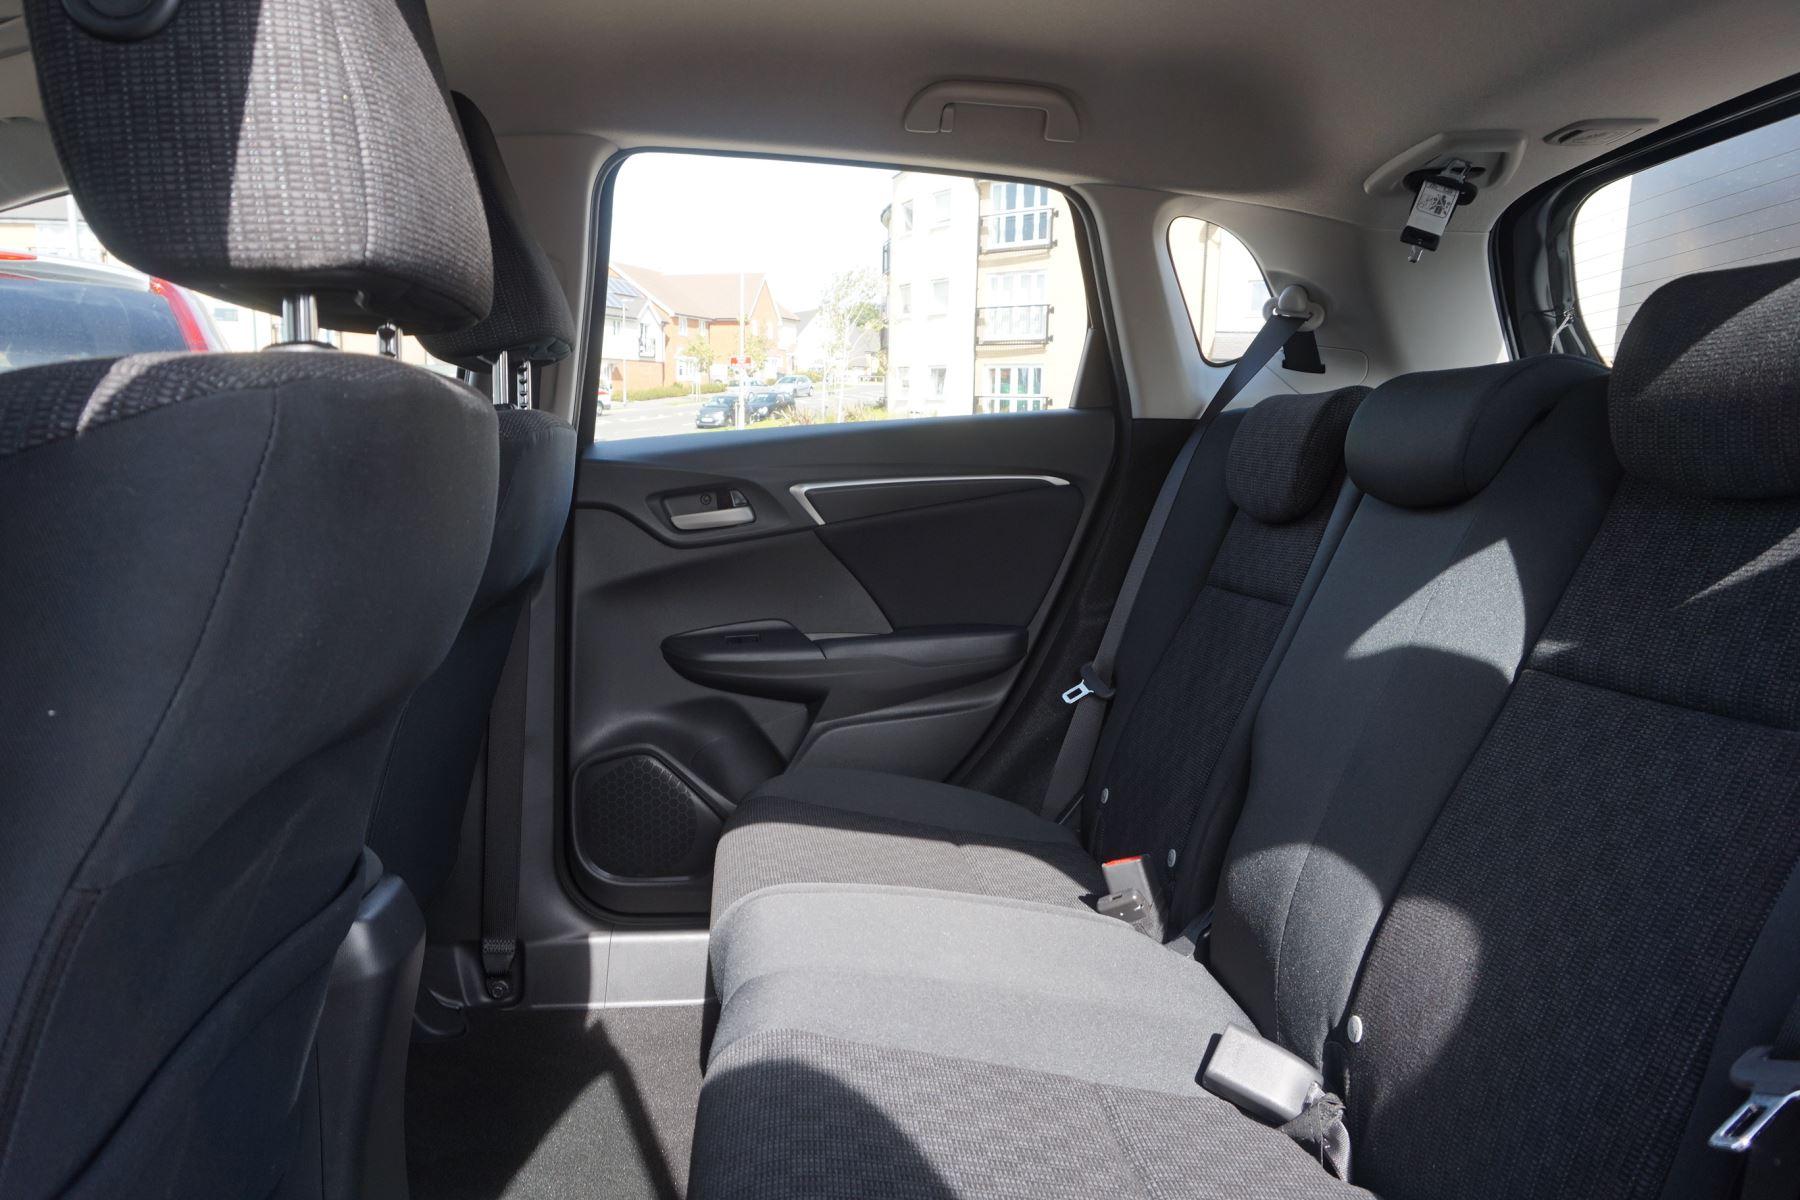 Honda Jazz 1.3 SE 5dr image 10